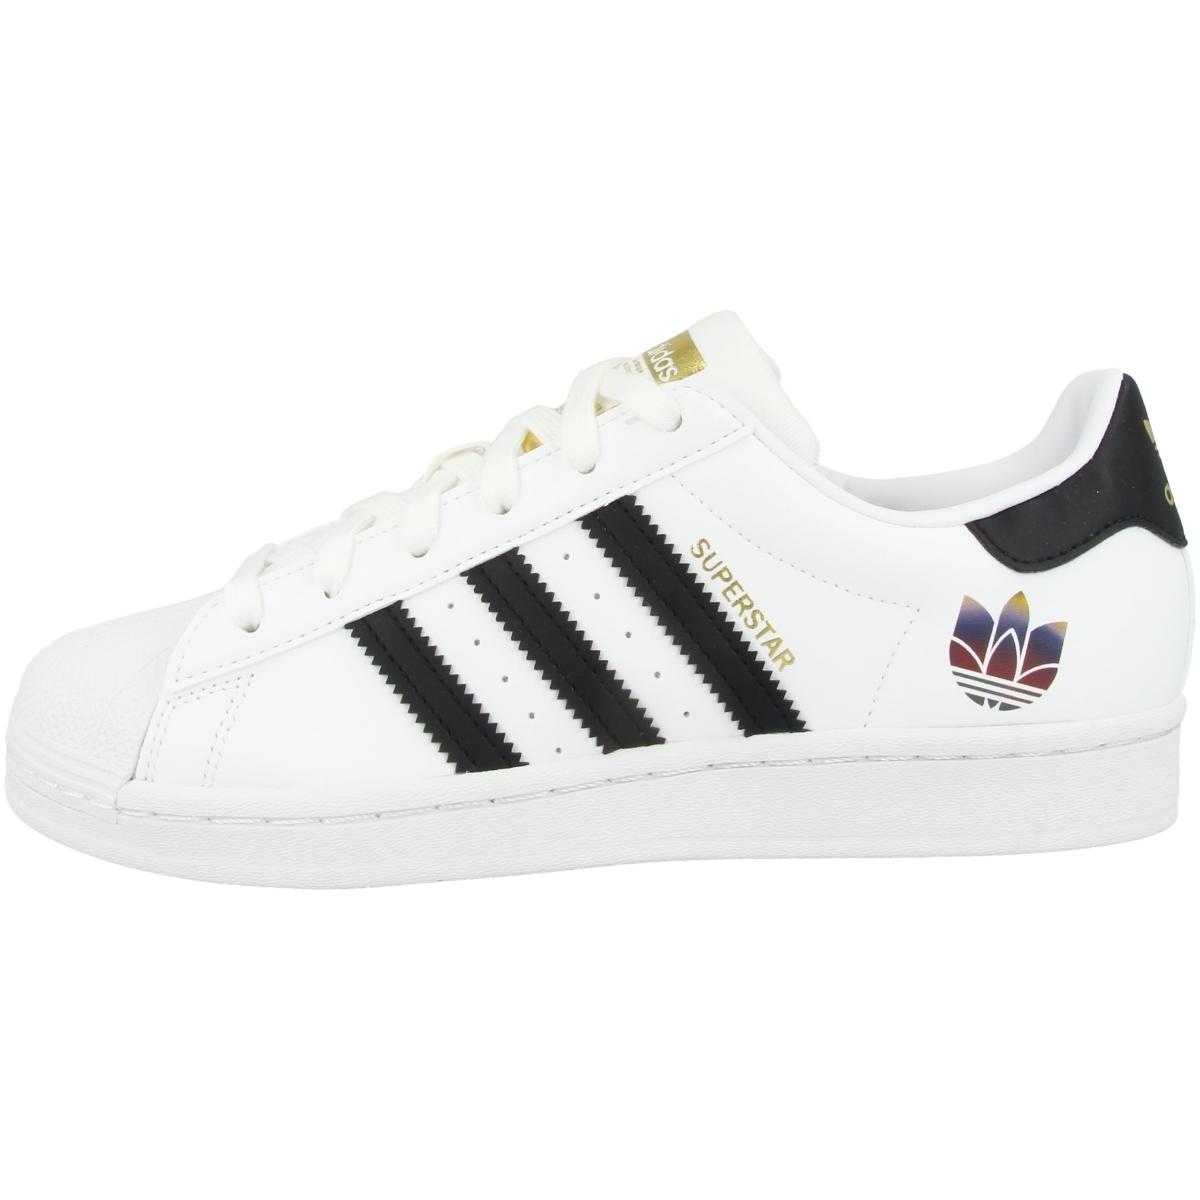 Adidas-Superstar-cortos-senora-Originals-ocio-zapatos-zapatillas-clasico miniatura 3